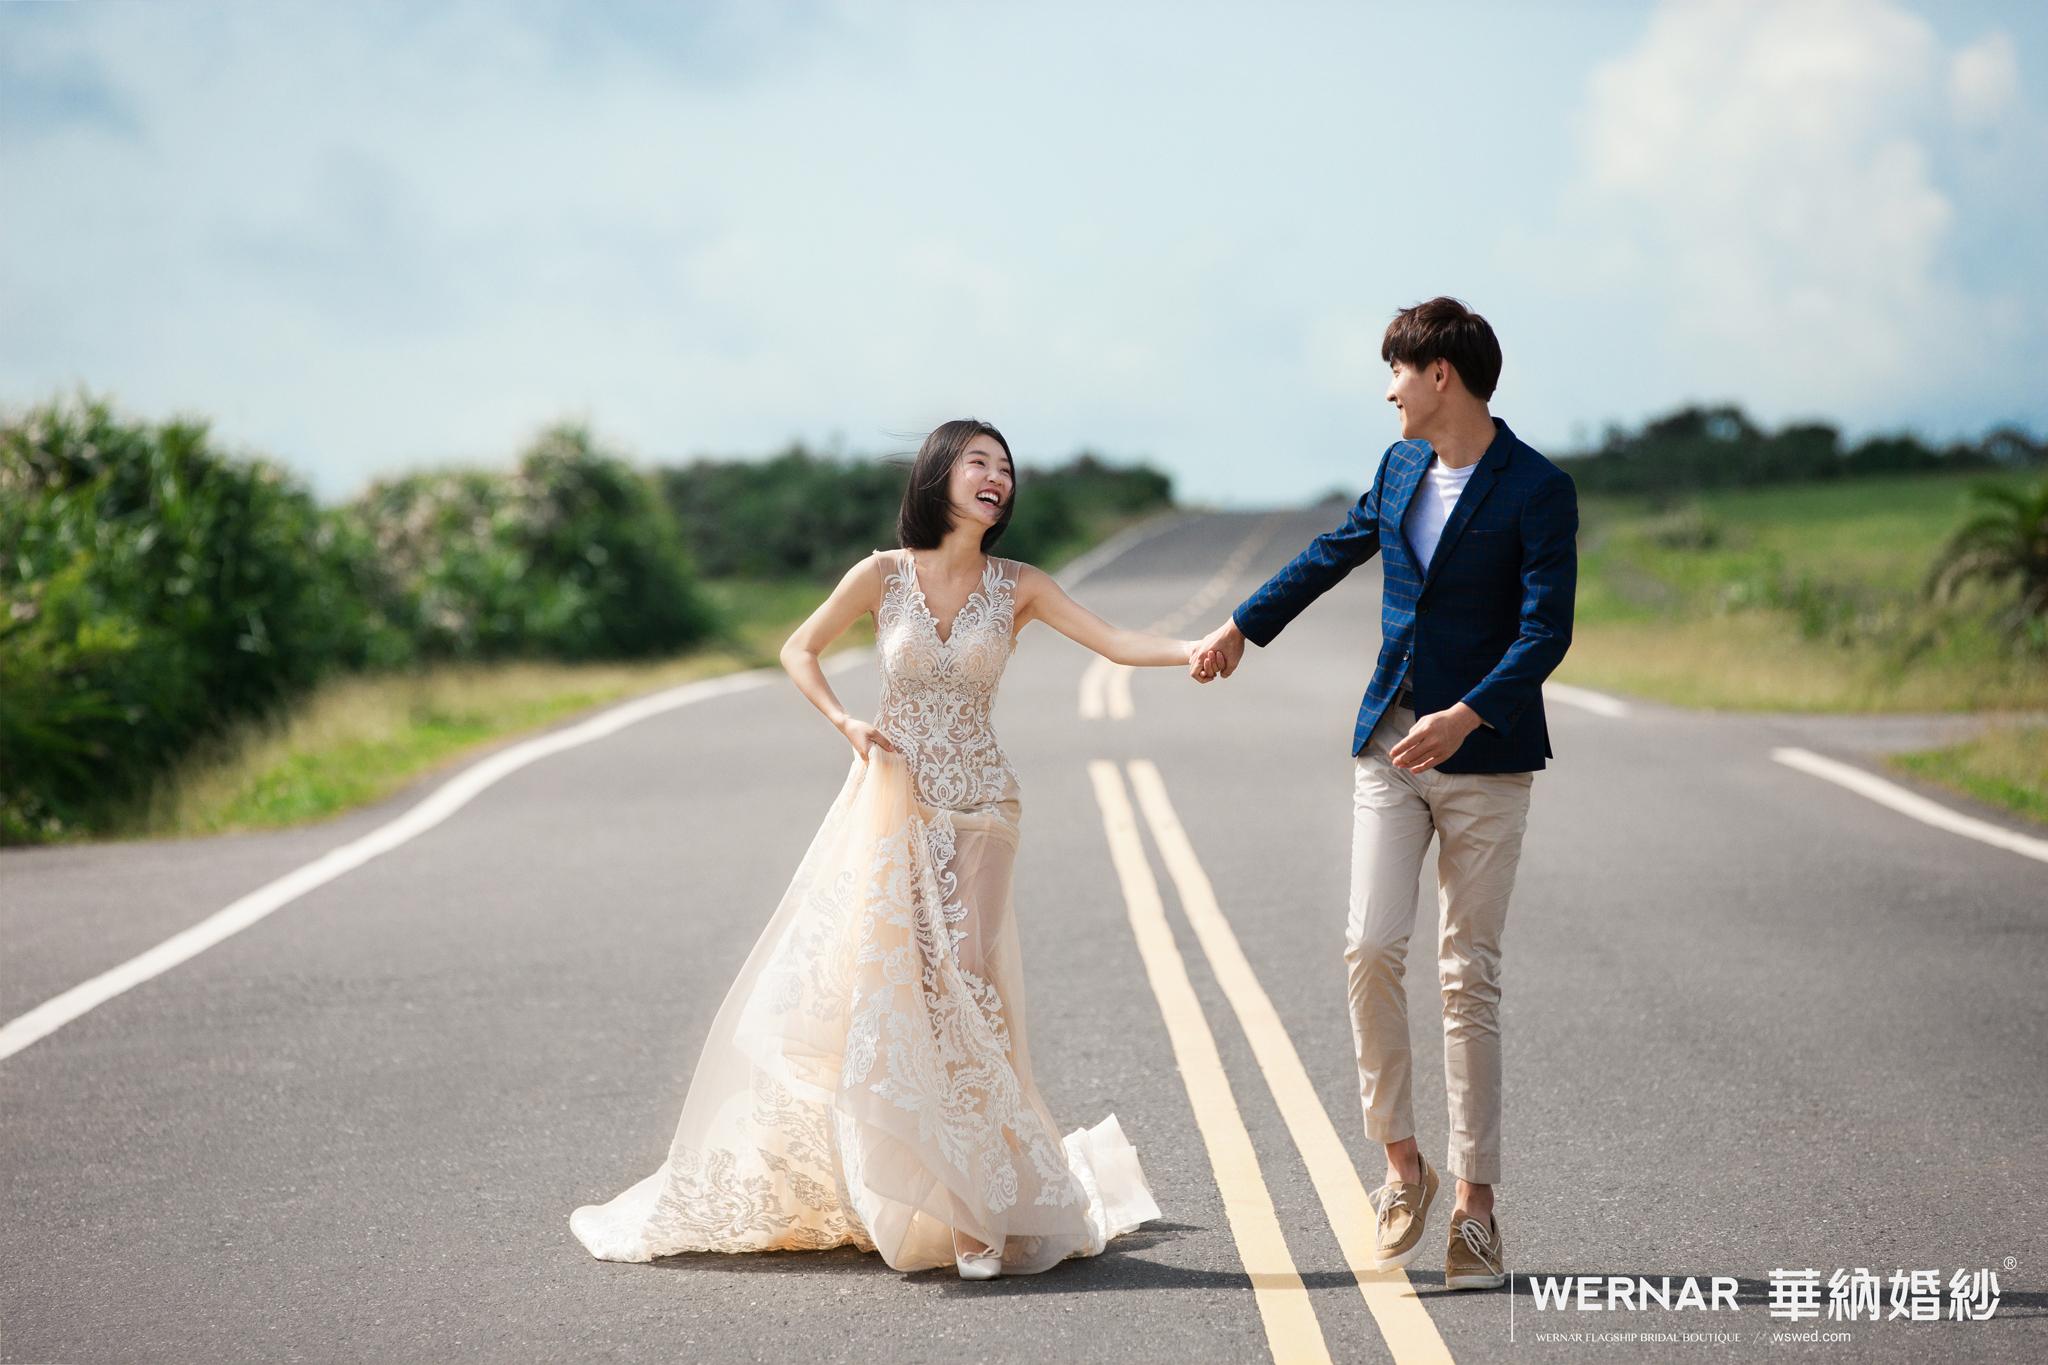 台中華納婚紗推薦,桃園華納婚紗推薦,婚紗外拍景點,婚紗攝影,自主婚紗,婚紗照